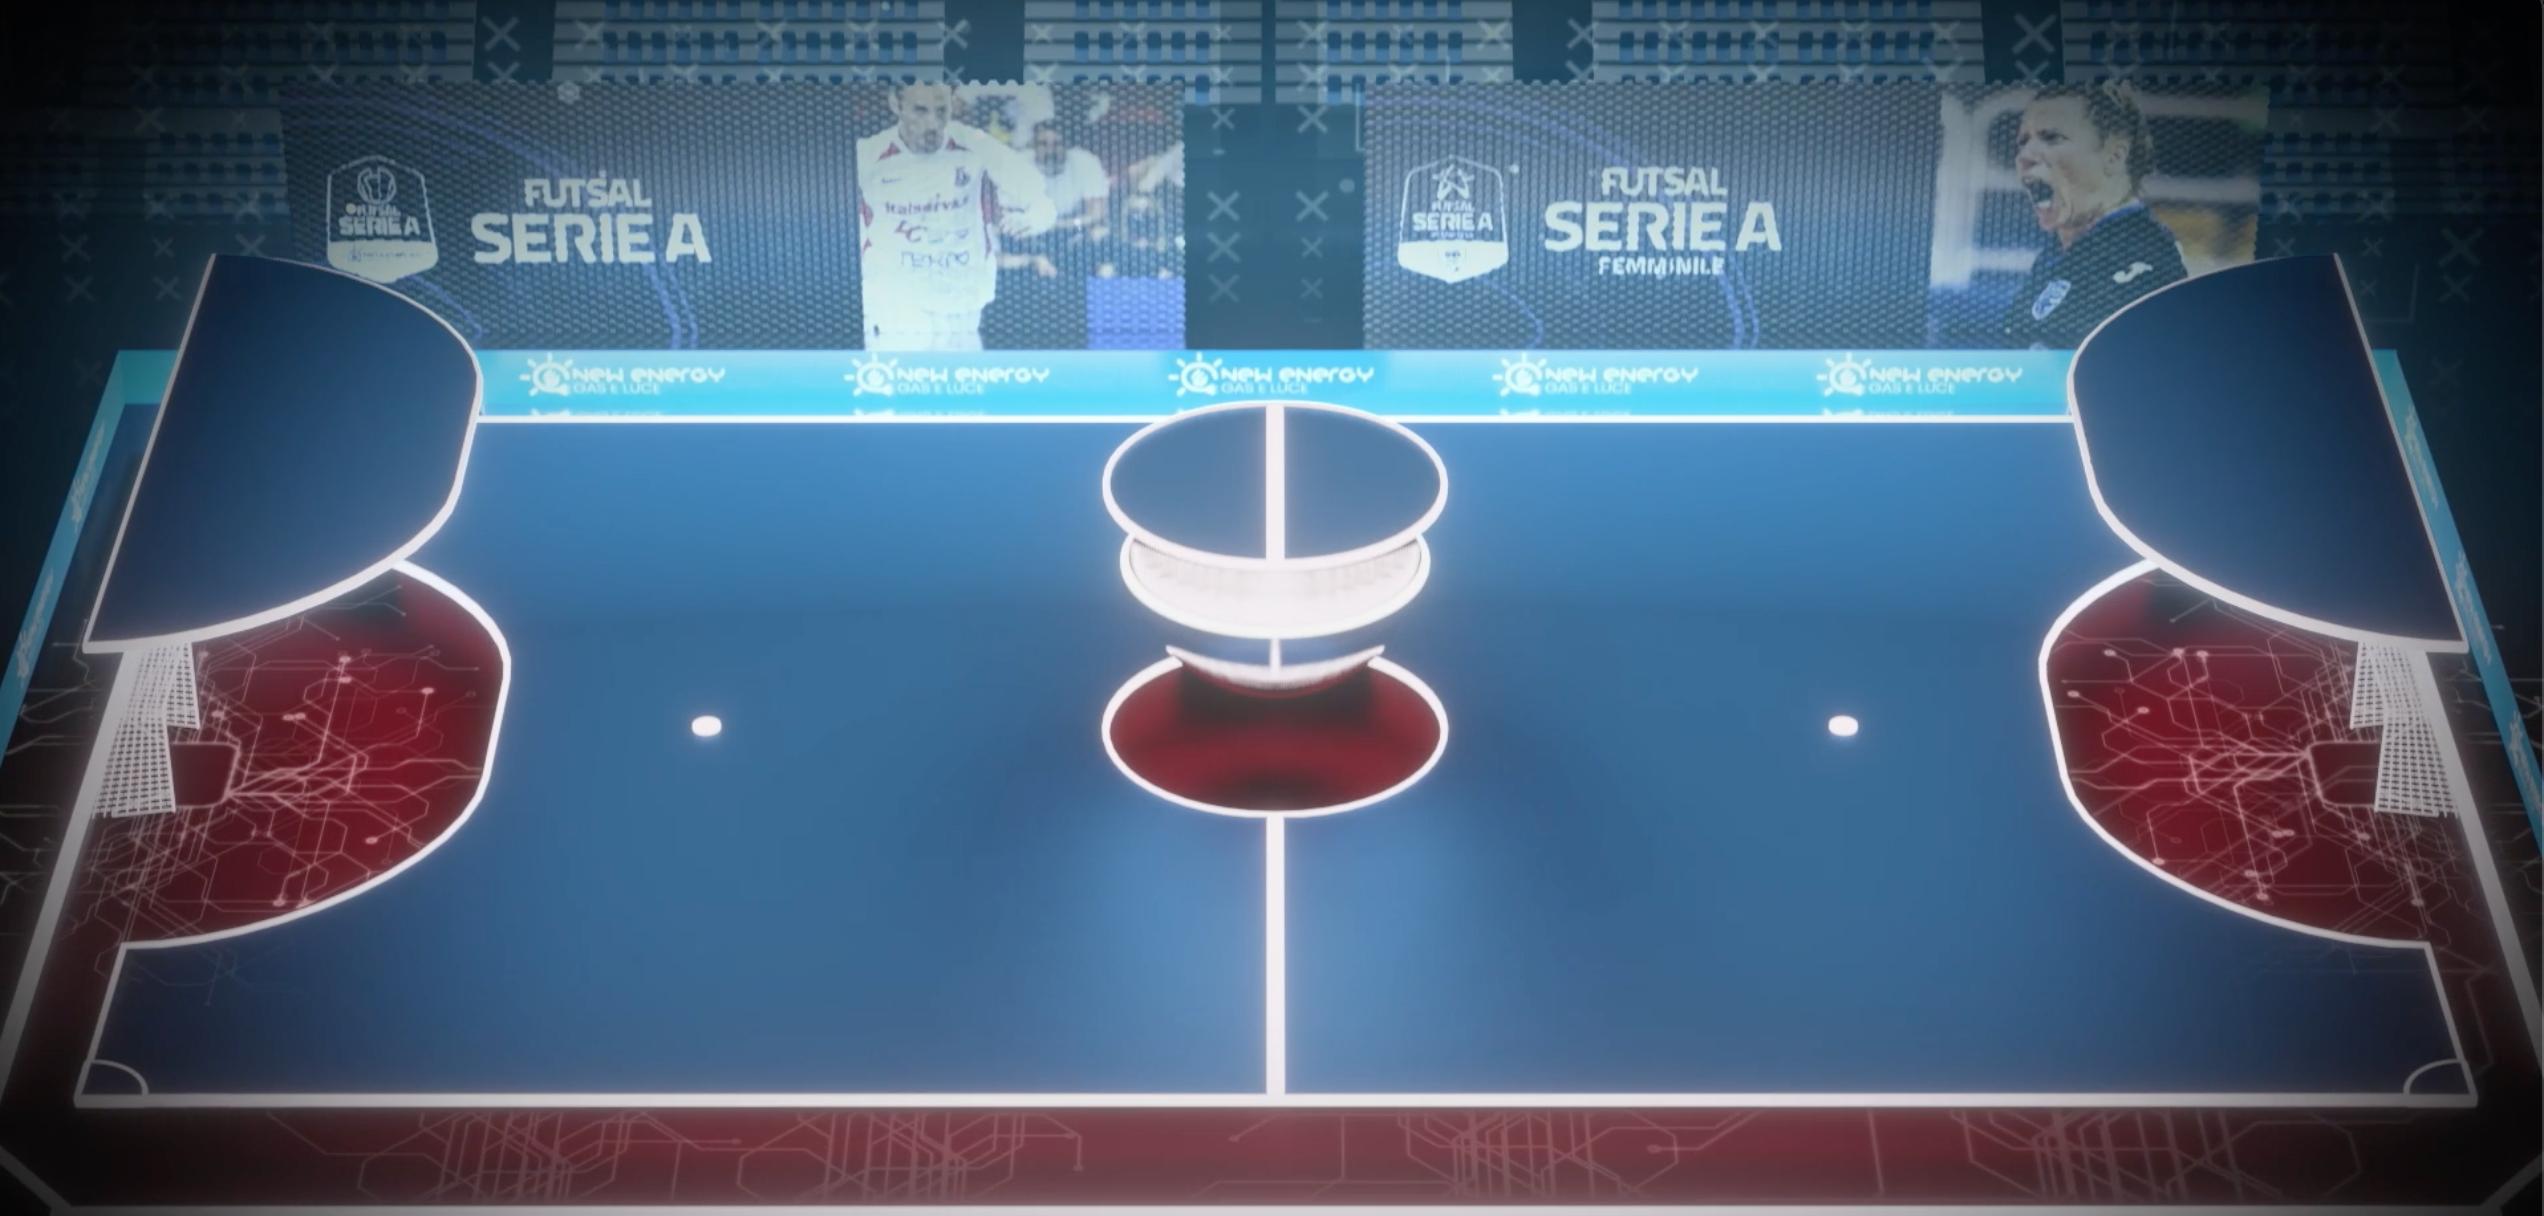 L'Emilia-Romagna Arena e Sky Sport: il futsal sta tornando